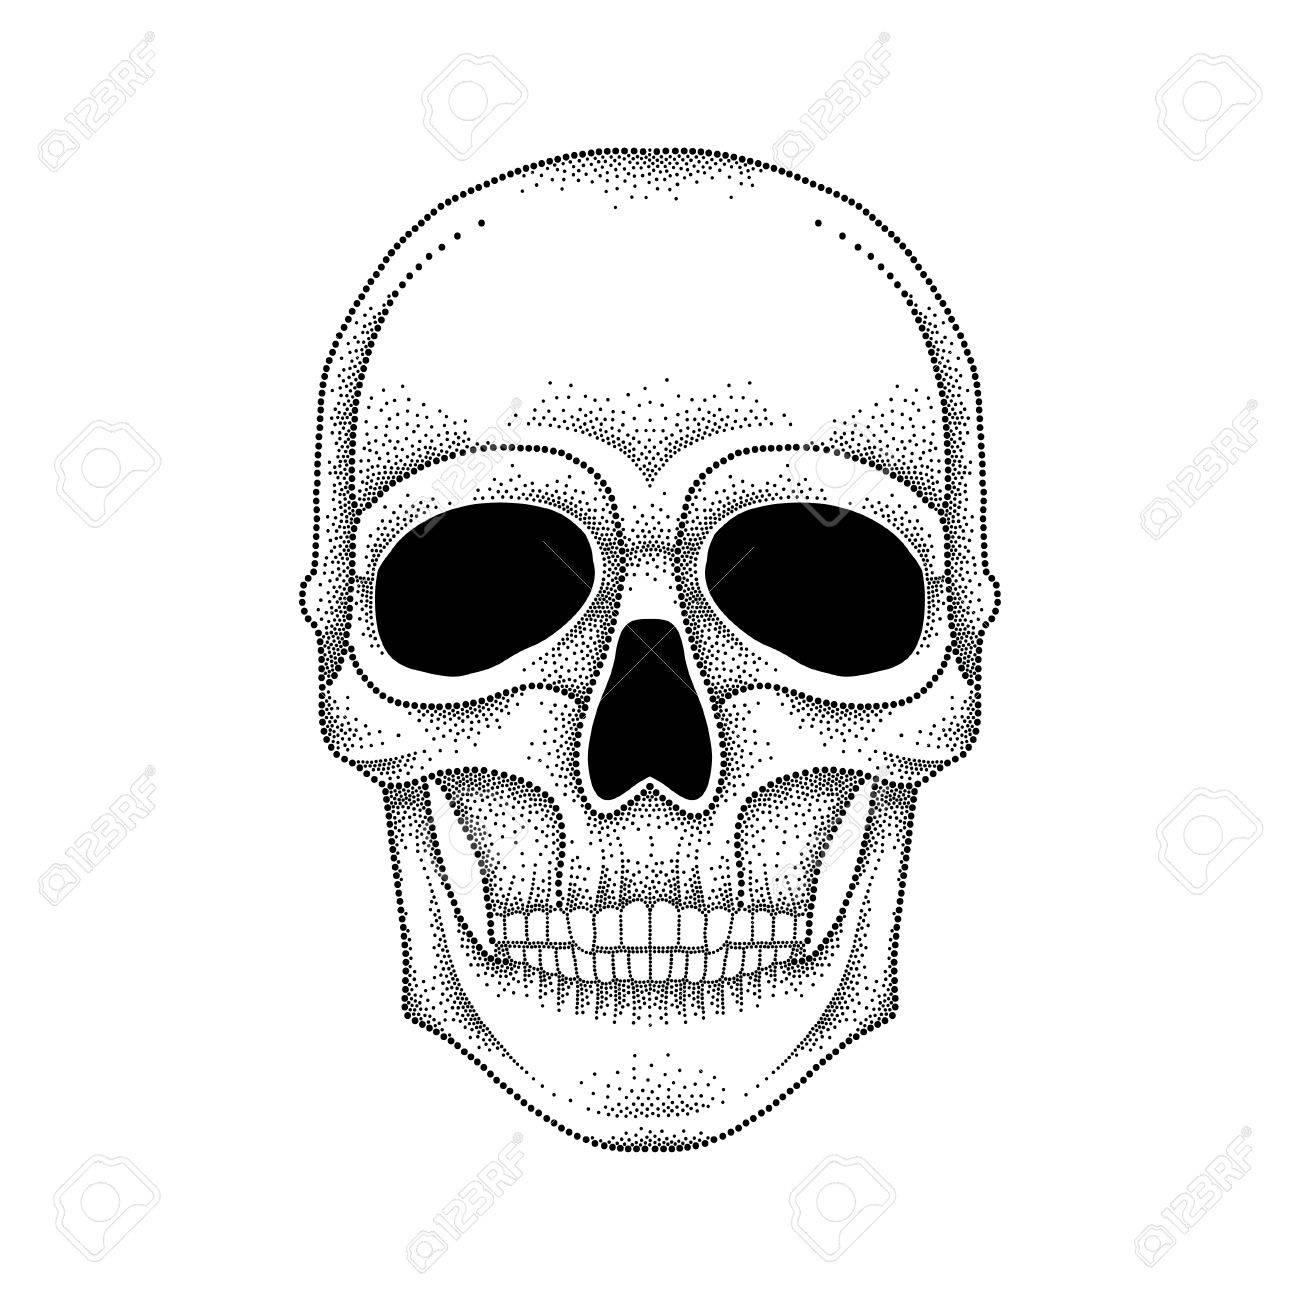 Diseno Para Hacer Tattoo ilustración del vector del cráneo de puntos en negro sobre fondo